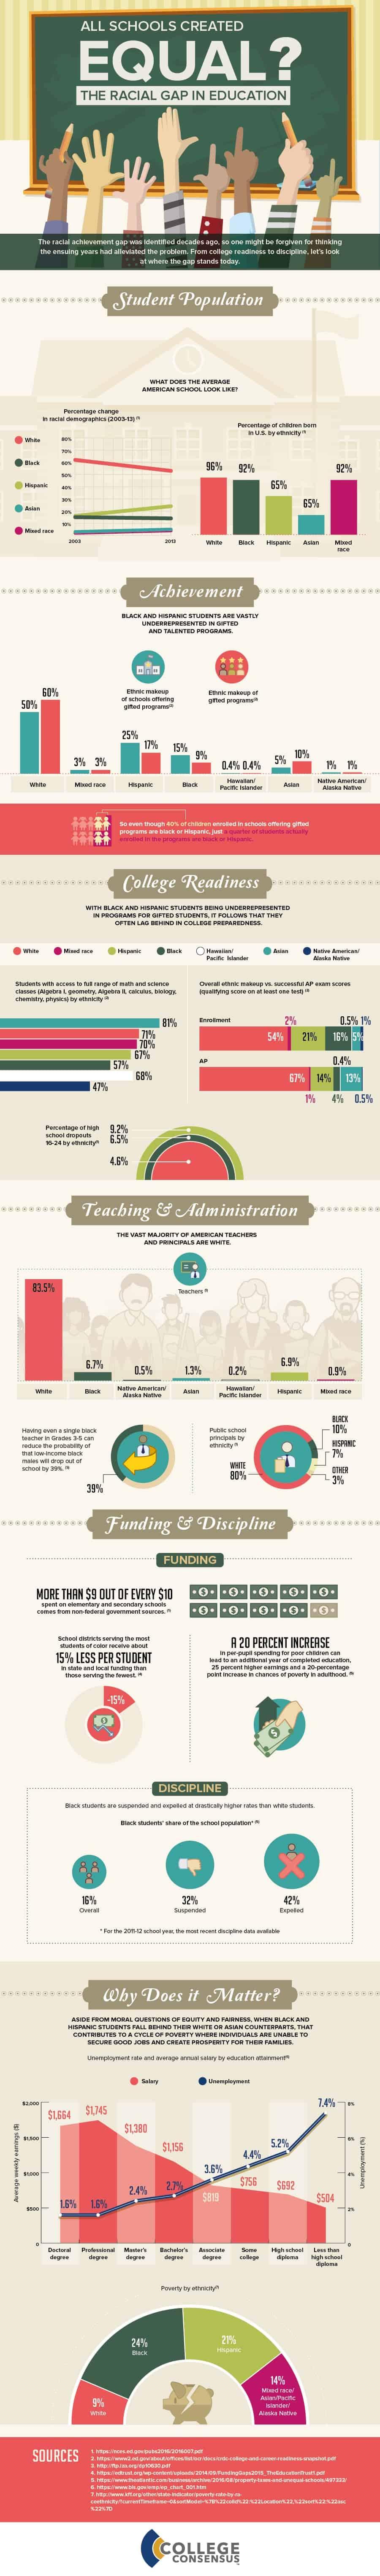 Racial Disparity in Education